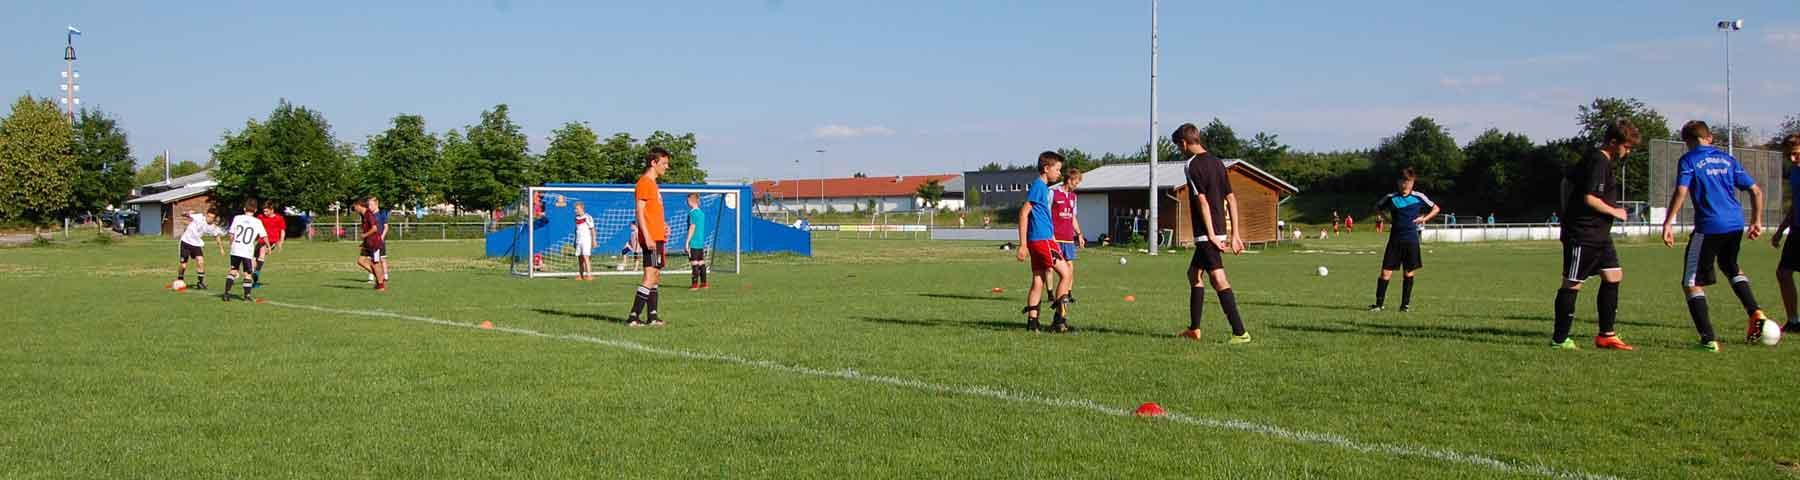 Fussballplatz in Mühlried